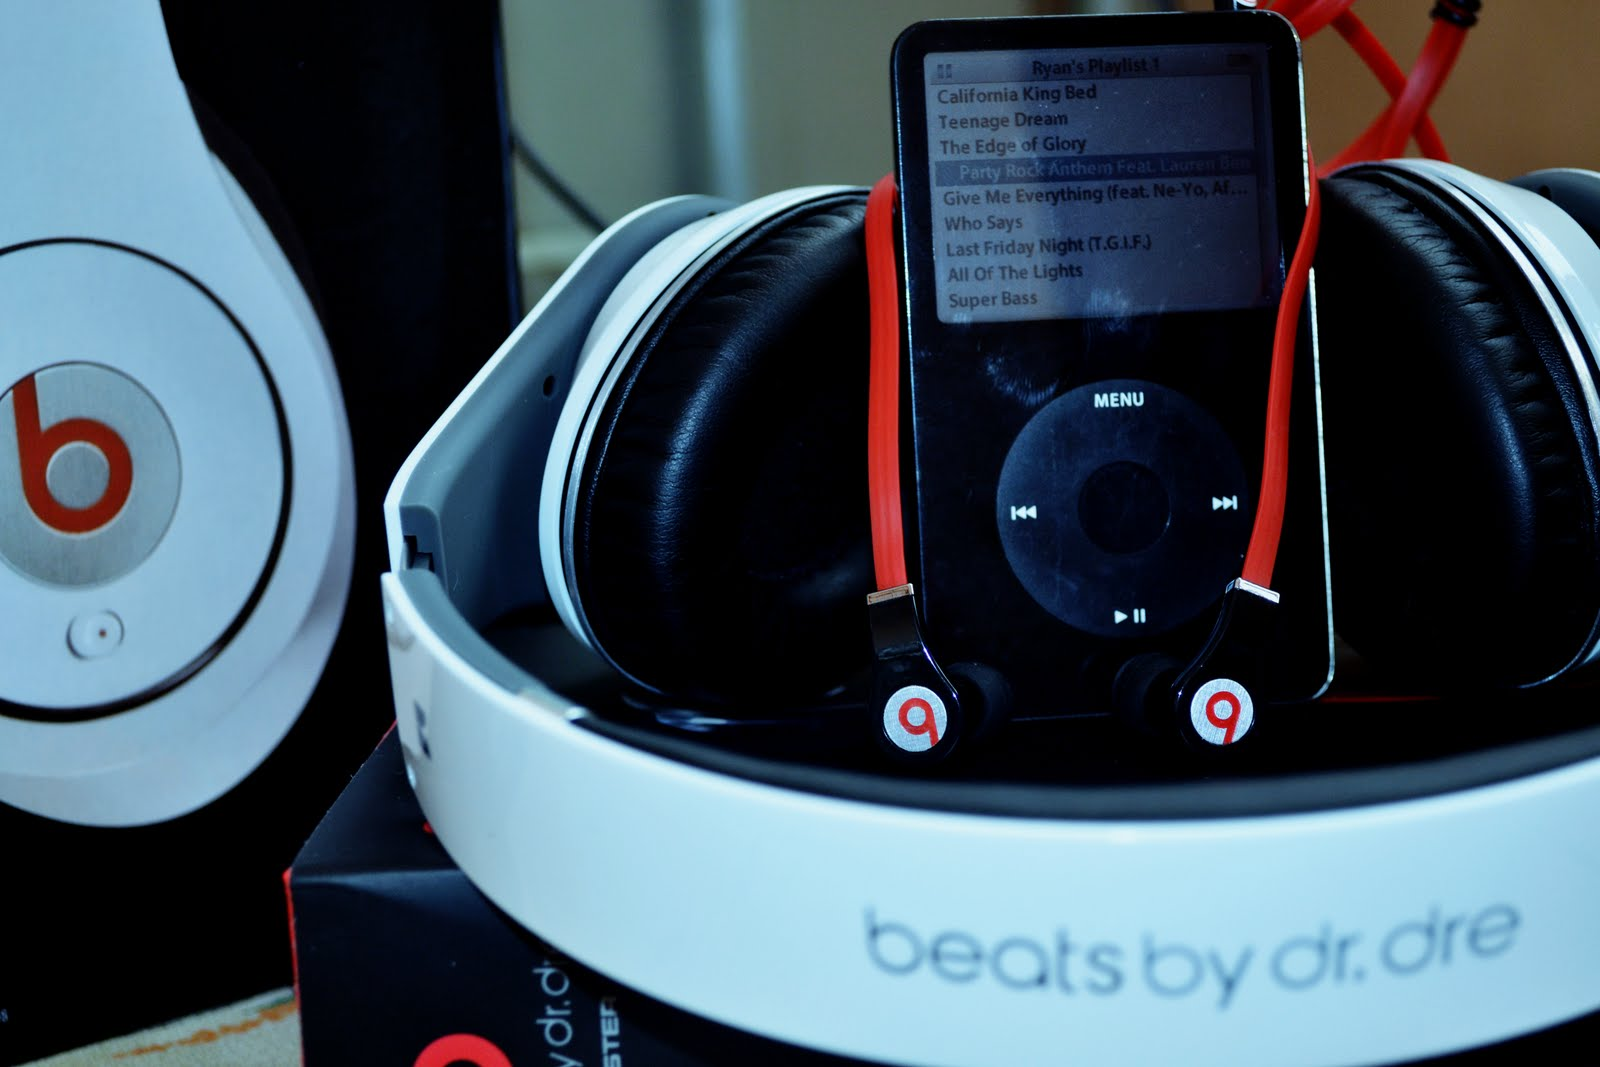 Beats with iPod Tim Cook e Eddy Cue incontrano il CEO di Beats per progetti di musica in streaming